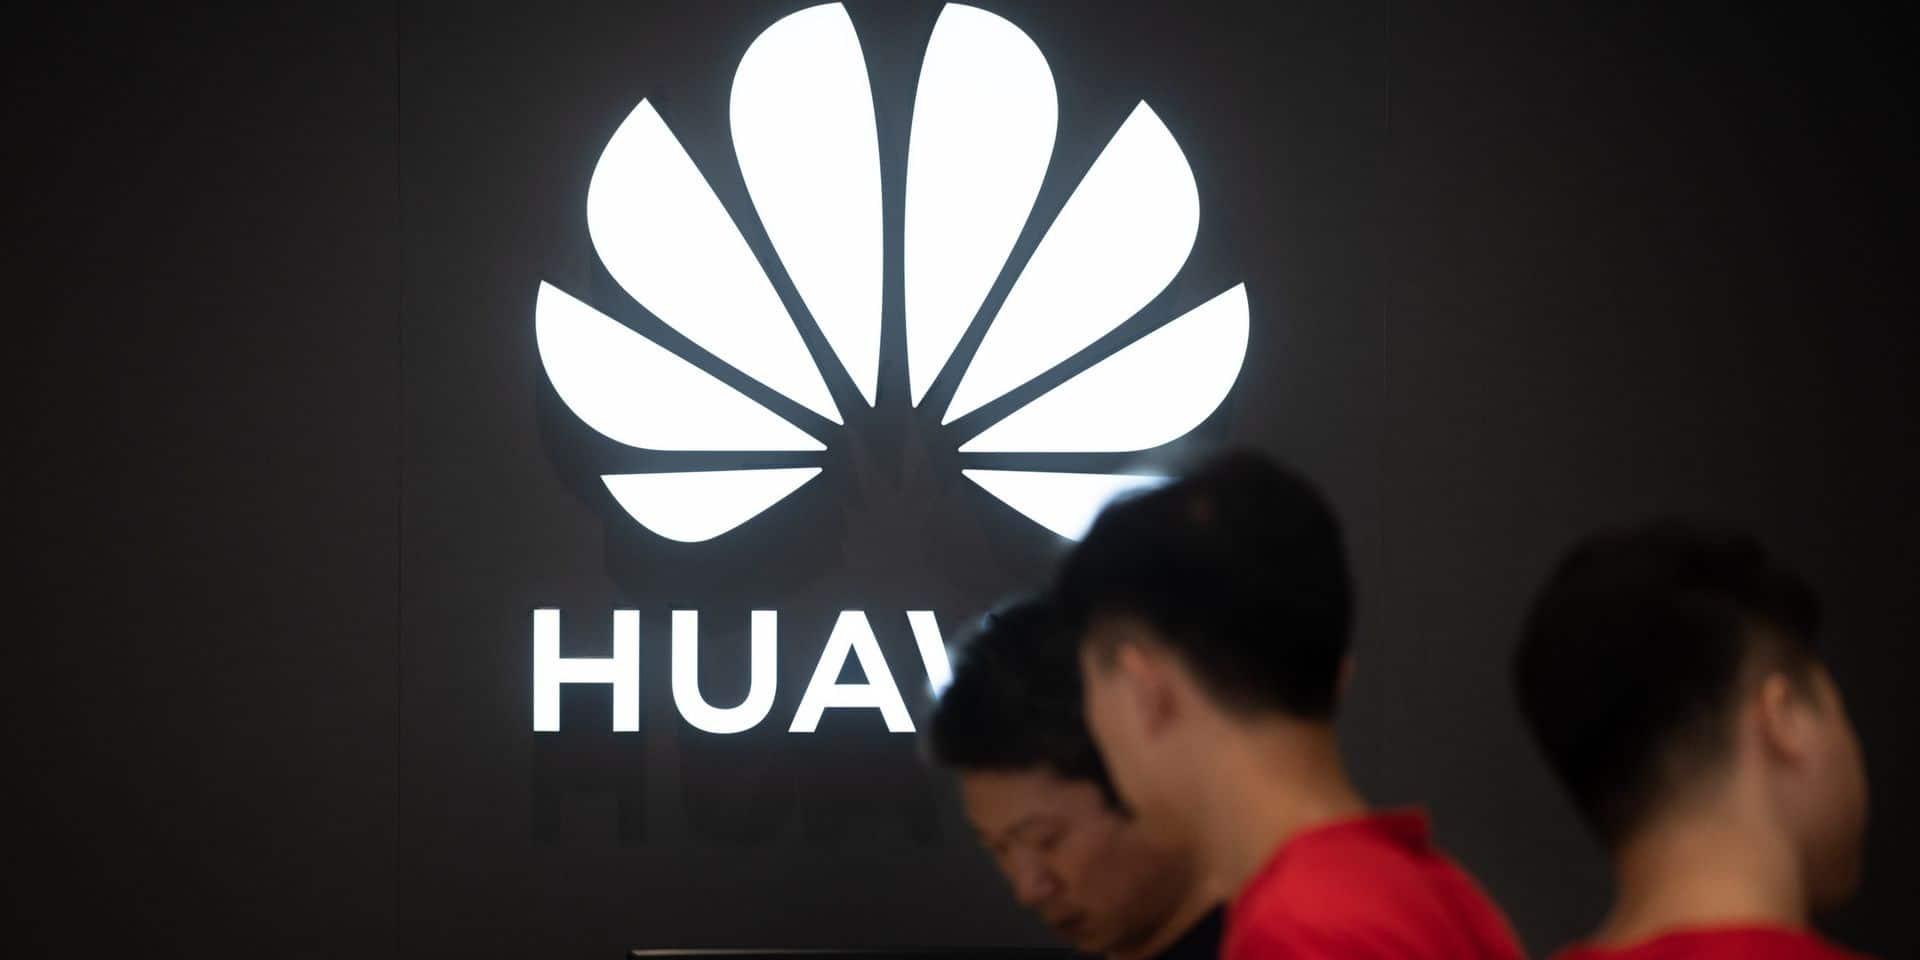 Huawei: chiffre d'affaires en hausse de 24,4% sur les neuf premiers mois